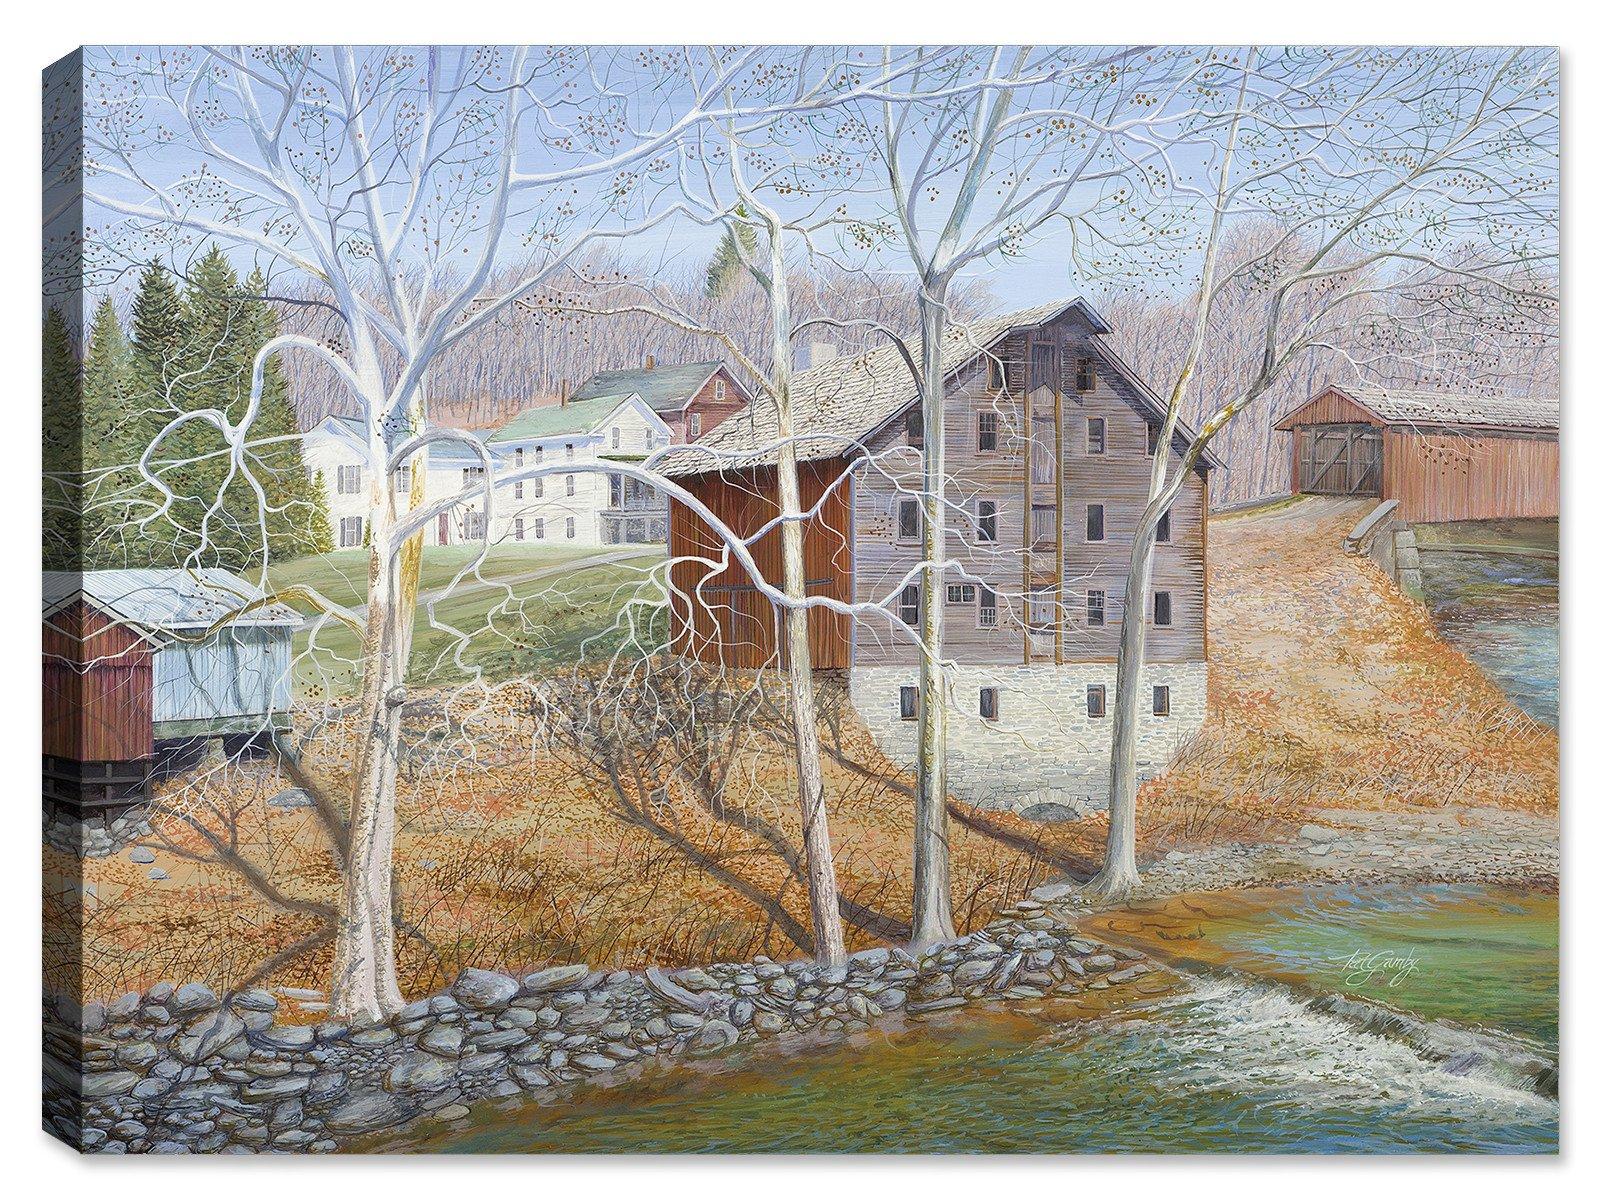 Gristmill River -Outdoor Wall Art - Weatherprint - Weatherproof Art for Indoor or Outdoor Canvas Art